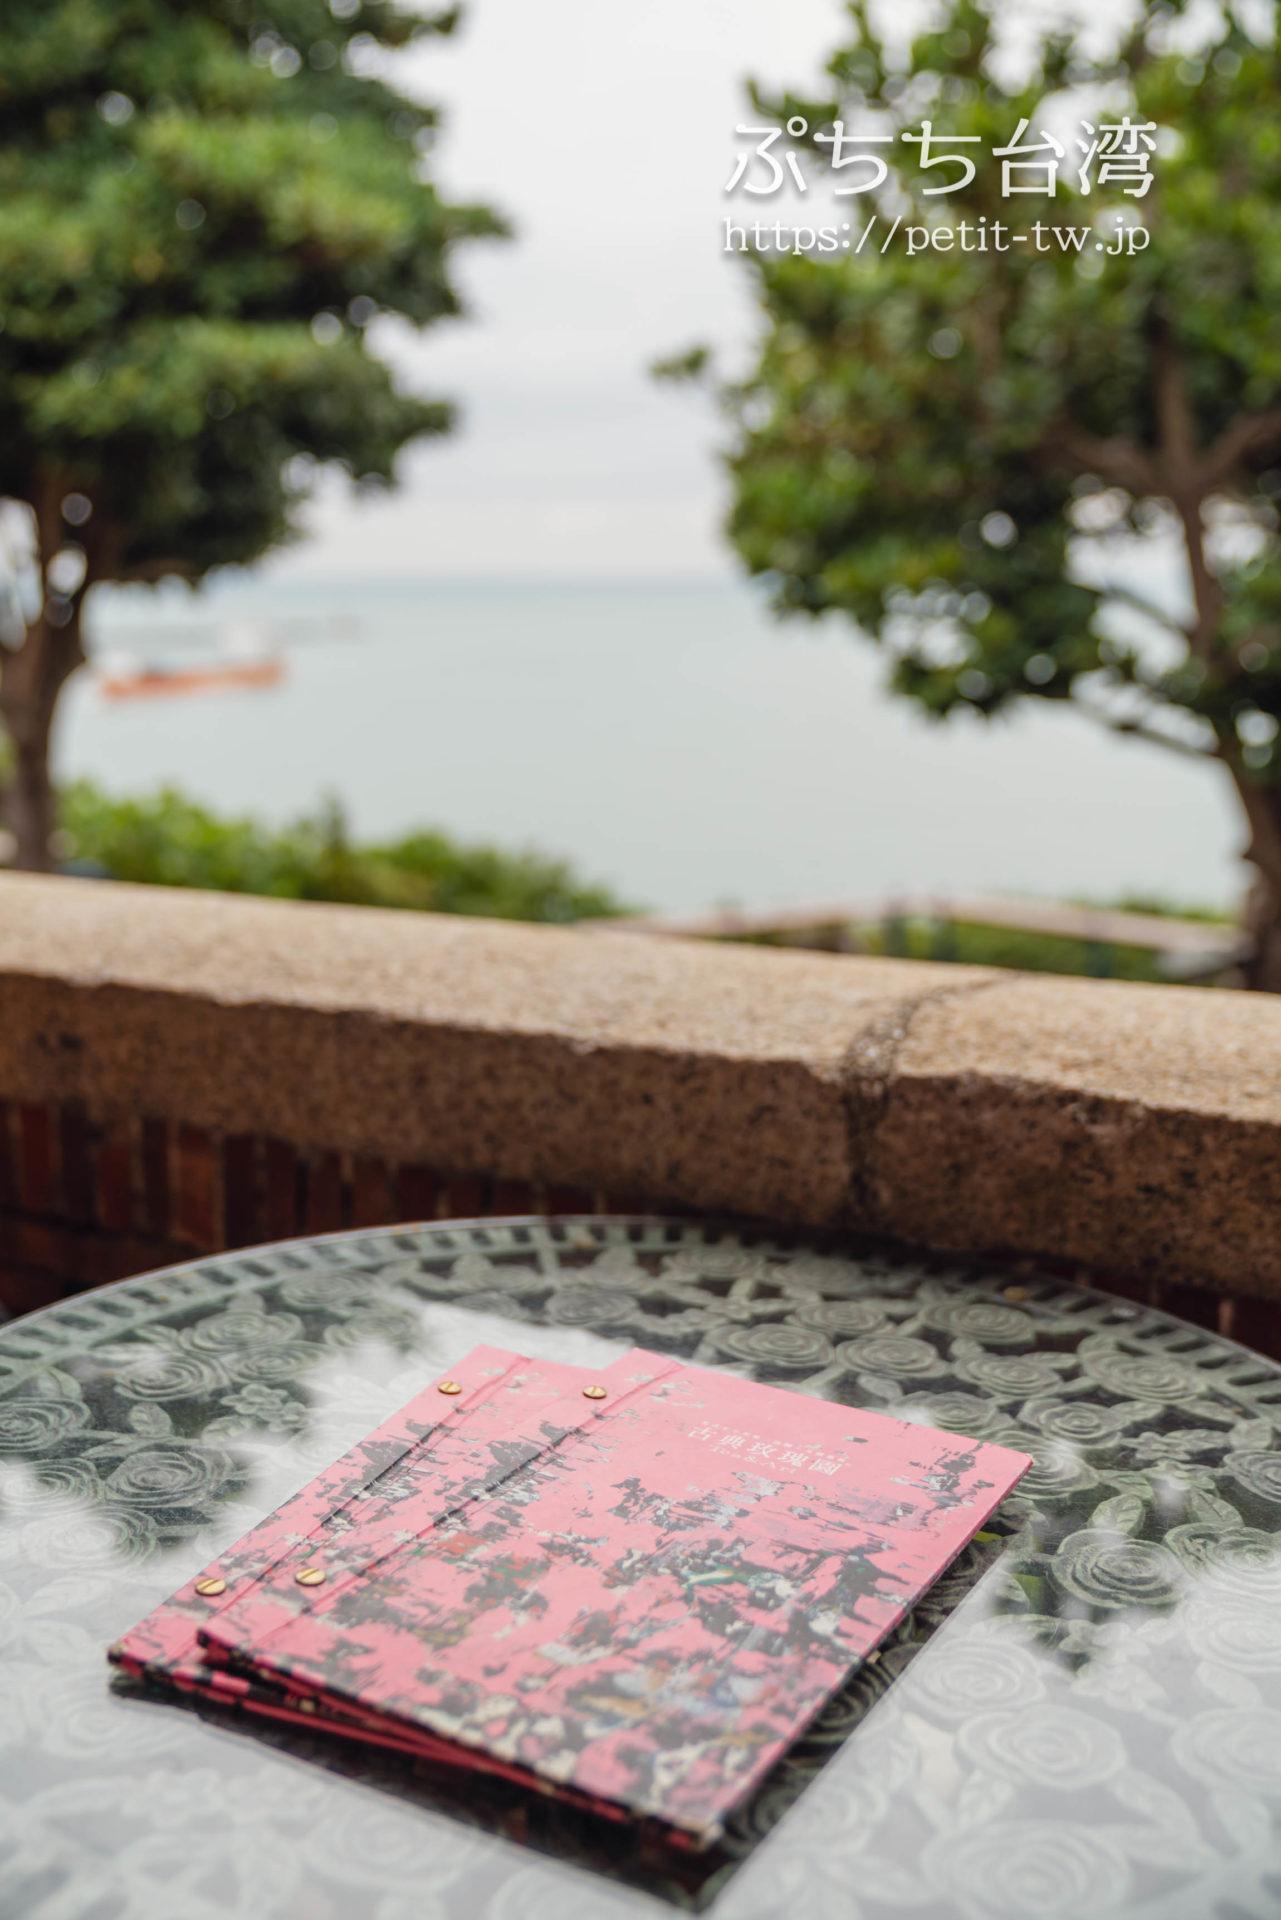 古典玫瑰園 Tea & Art 打狗英國領事館文化園區の店内の屋外テラス